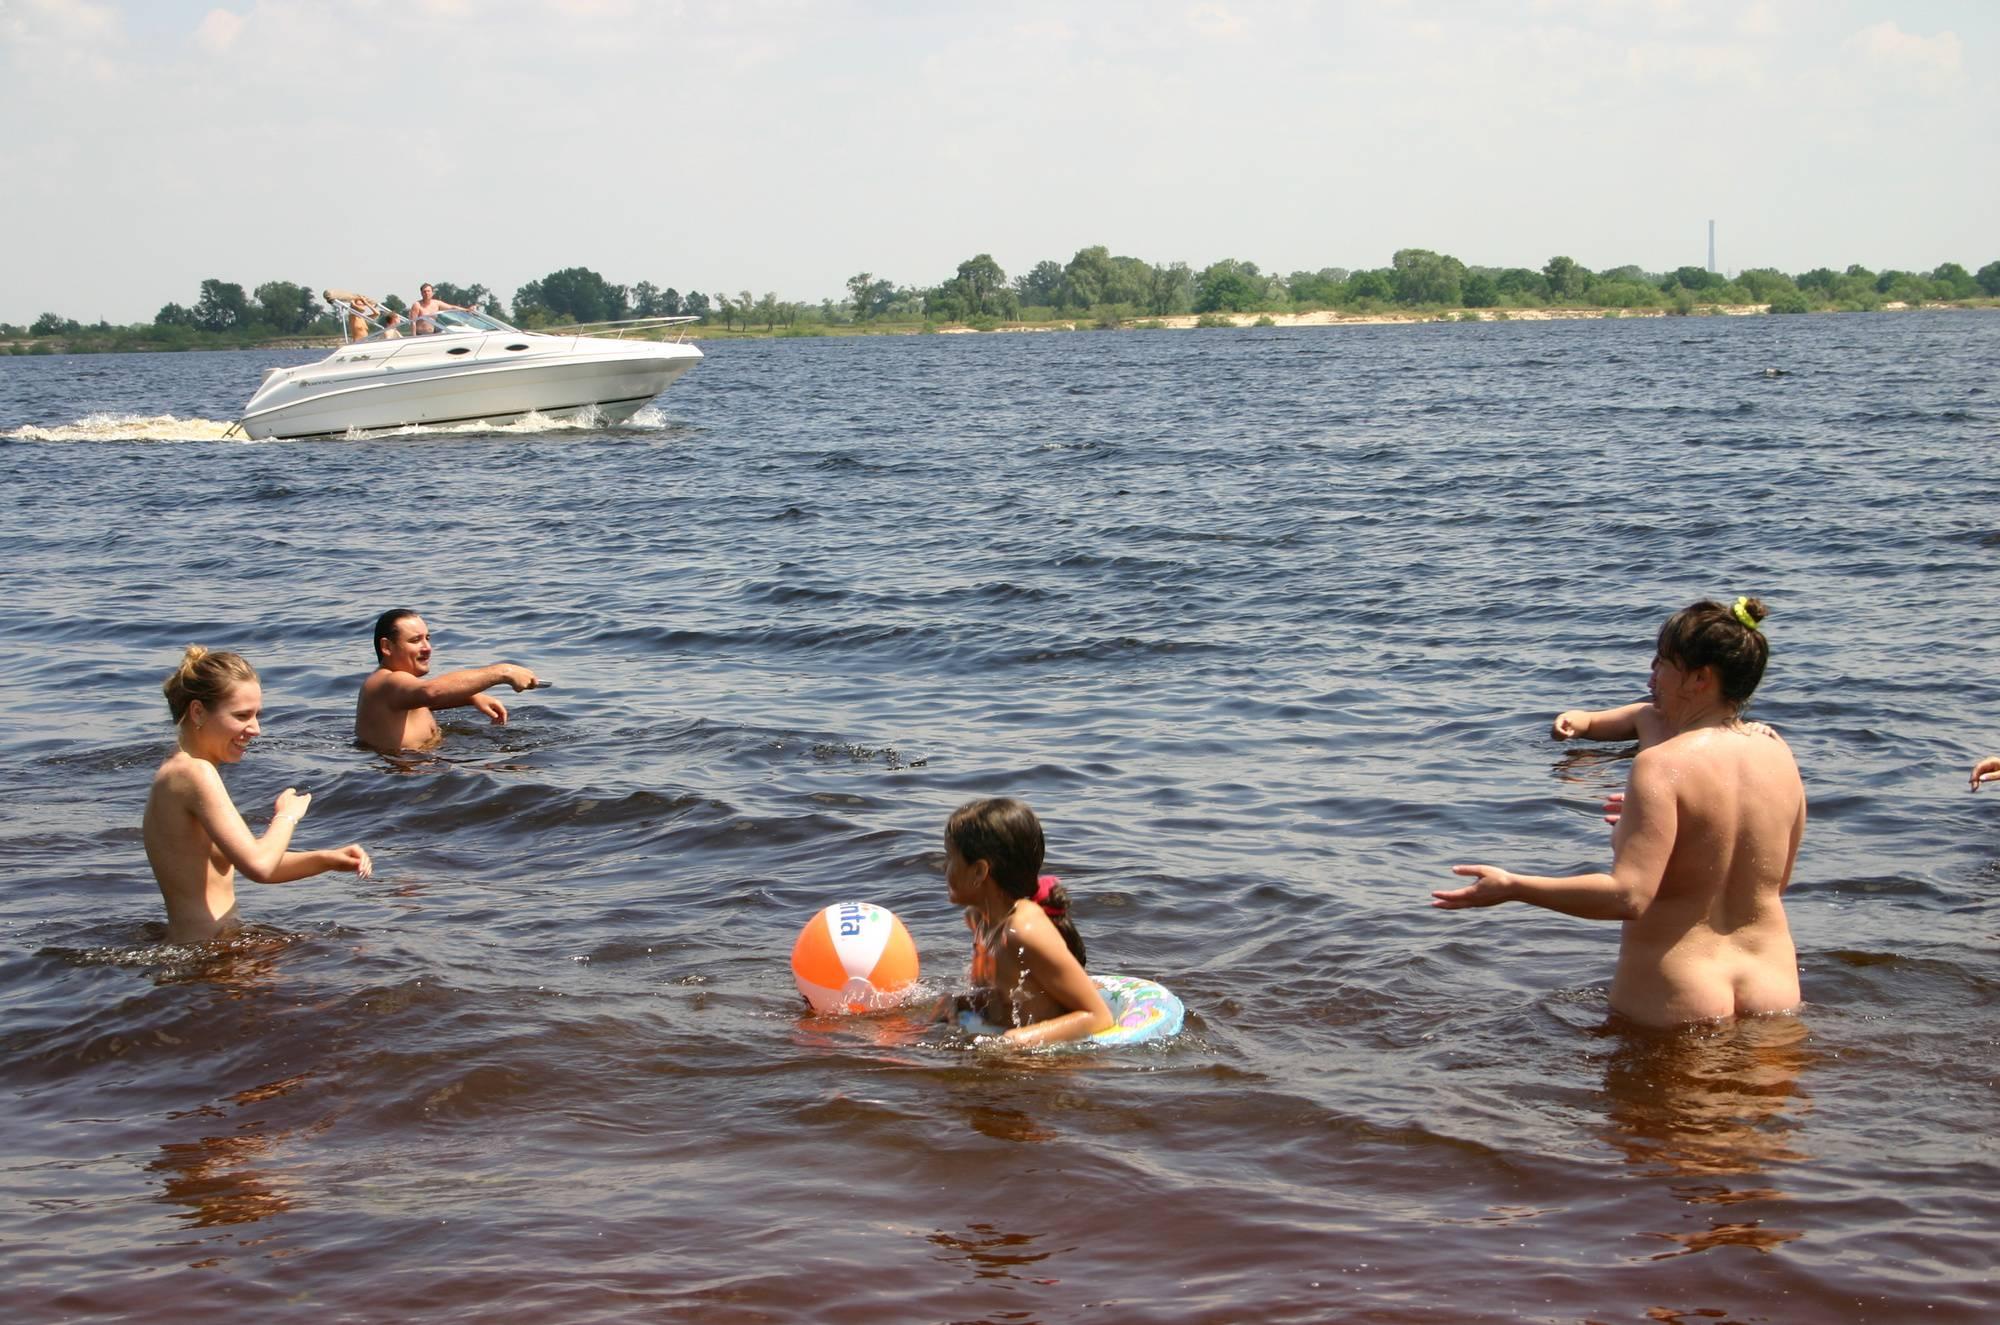 Kiev Water-Front Bathing - 2